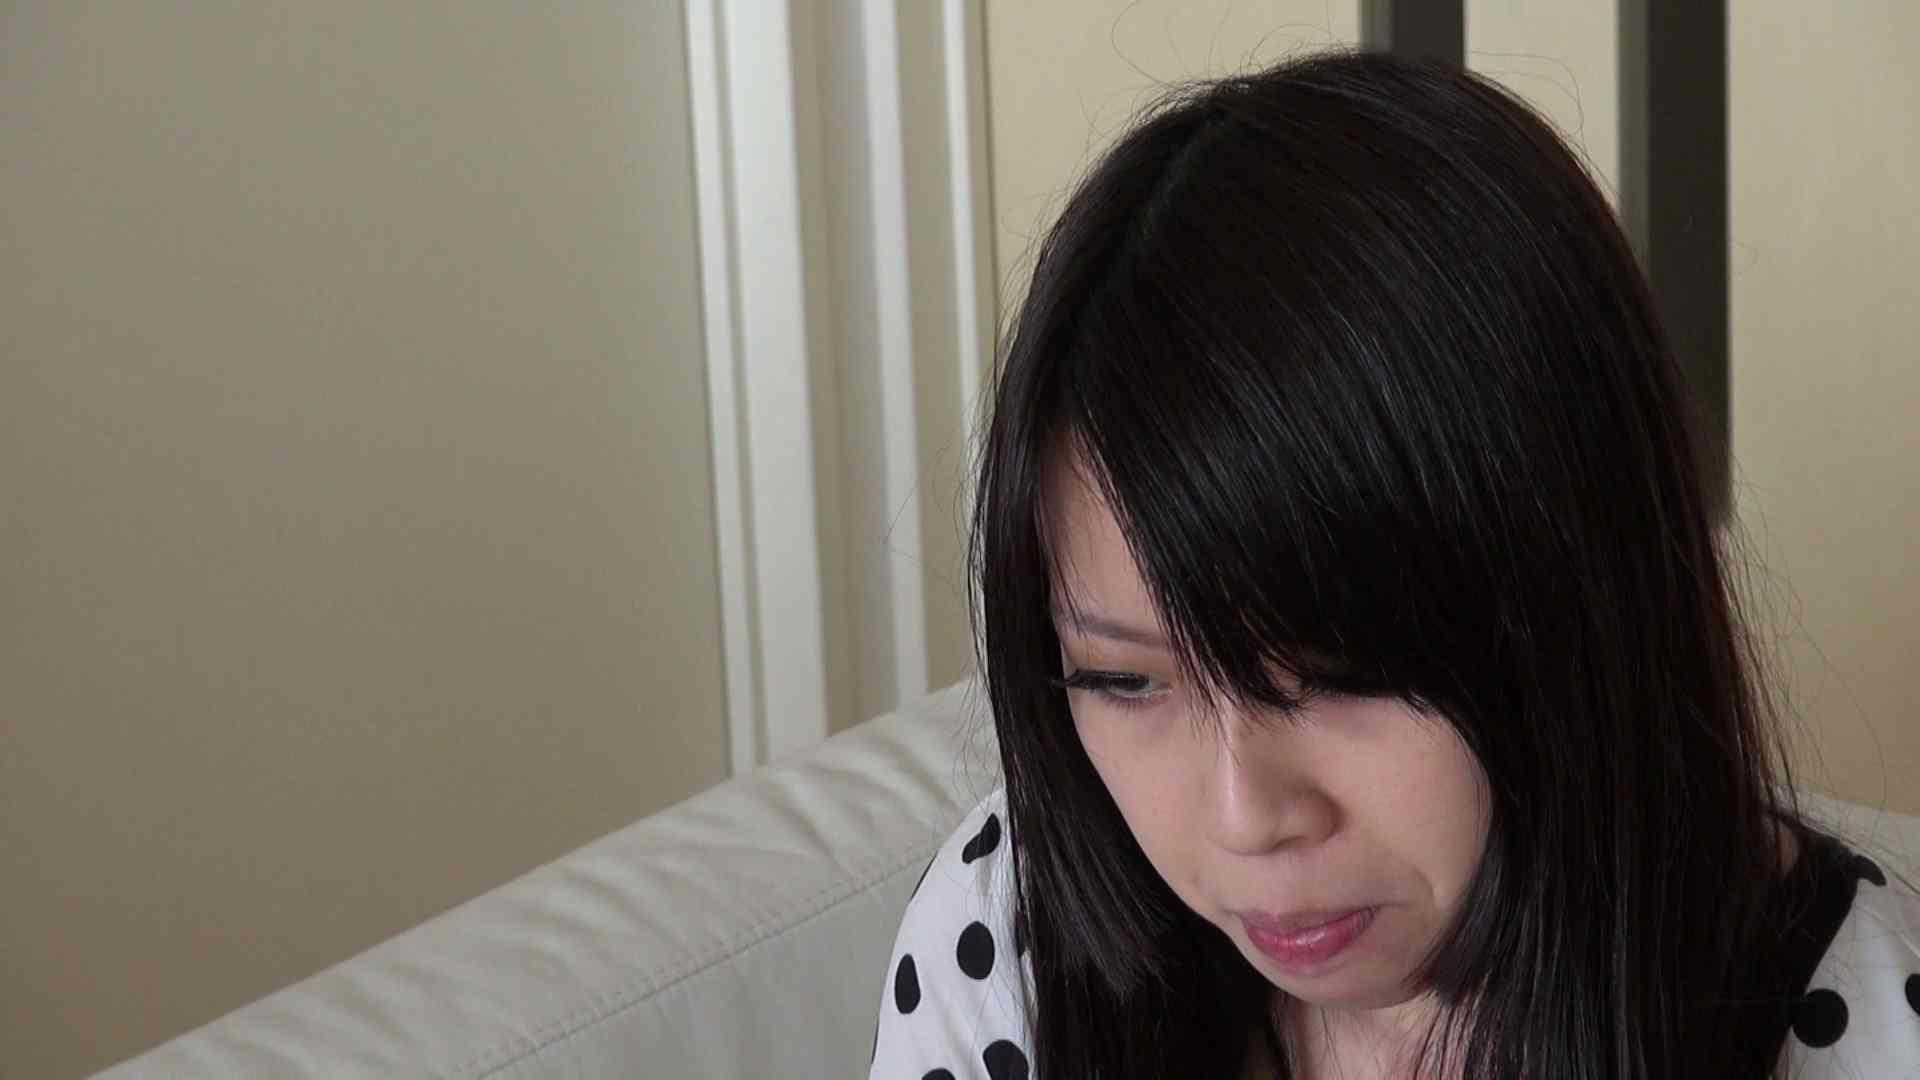 自宅で今回の出演までの経緯を語る志穂さん 覗き ワレメ無修正動画無料 80PIX 11